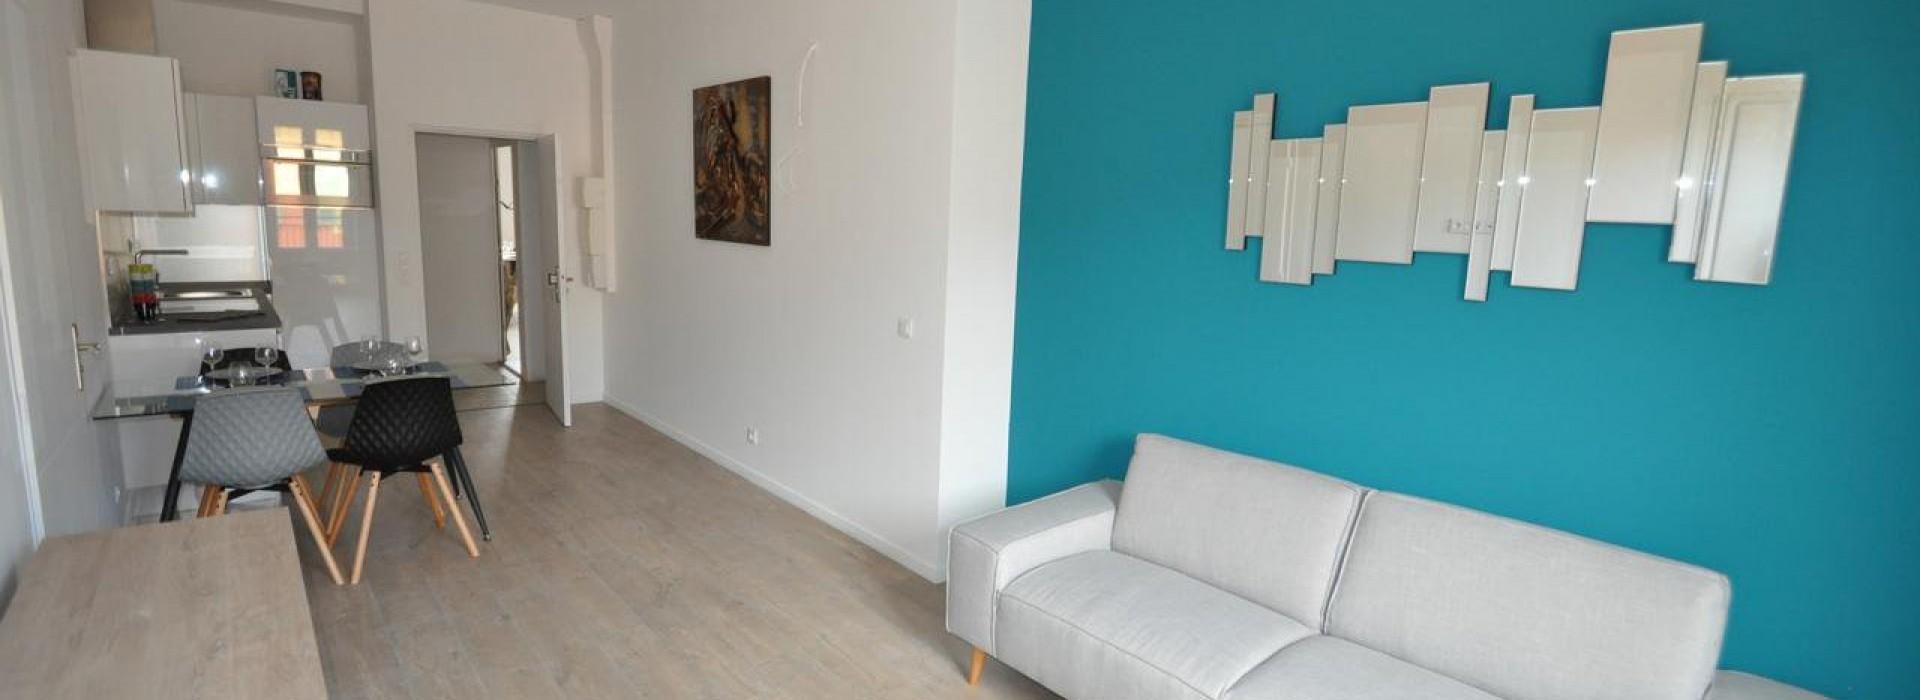 Appartement Nice 2 Pièces 35m2 270,000€